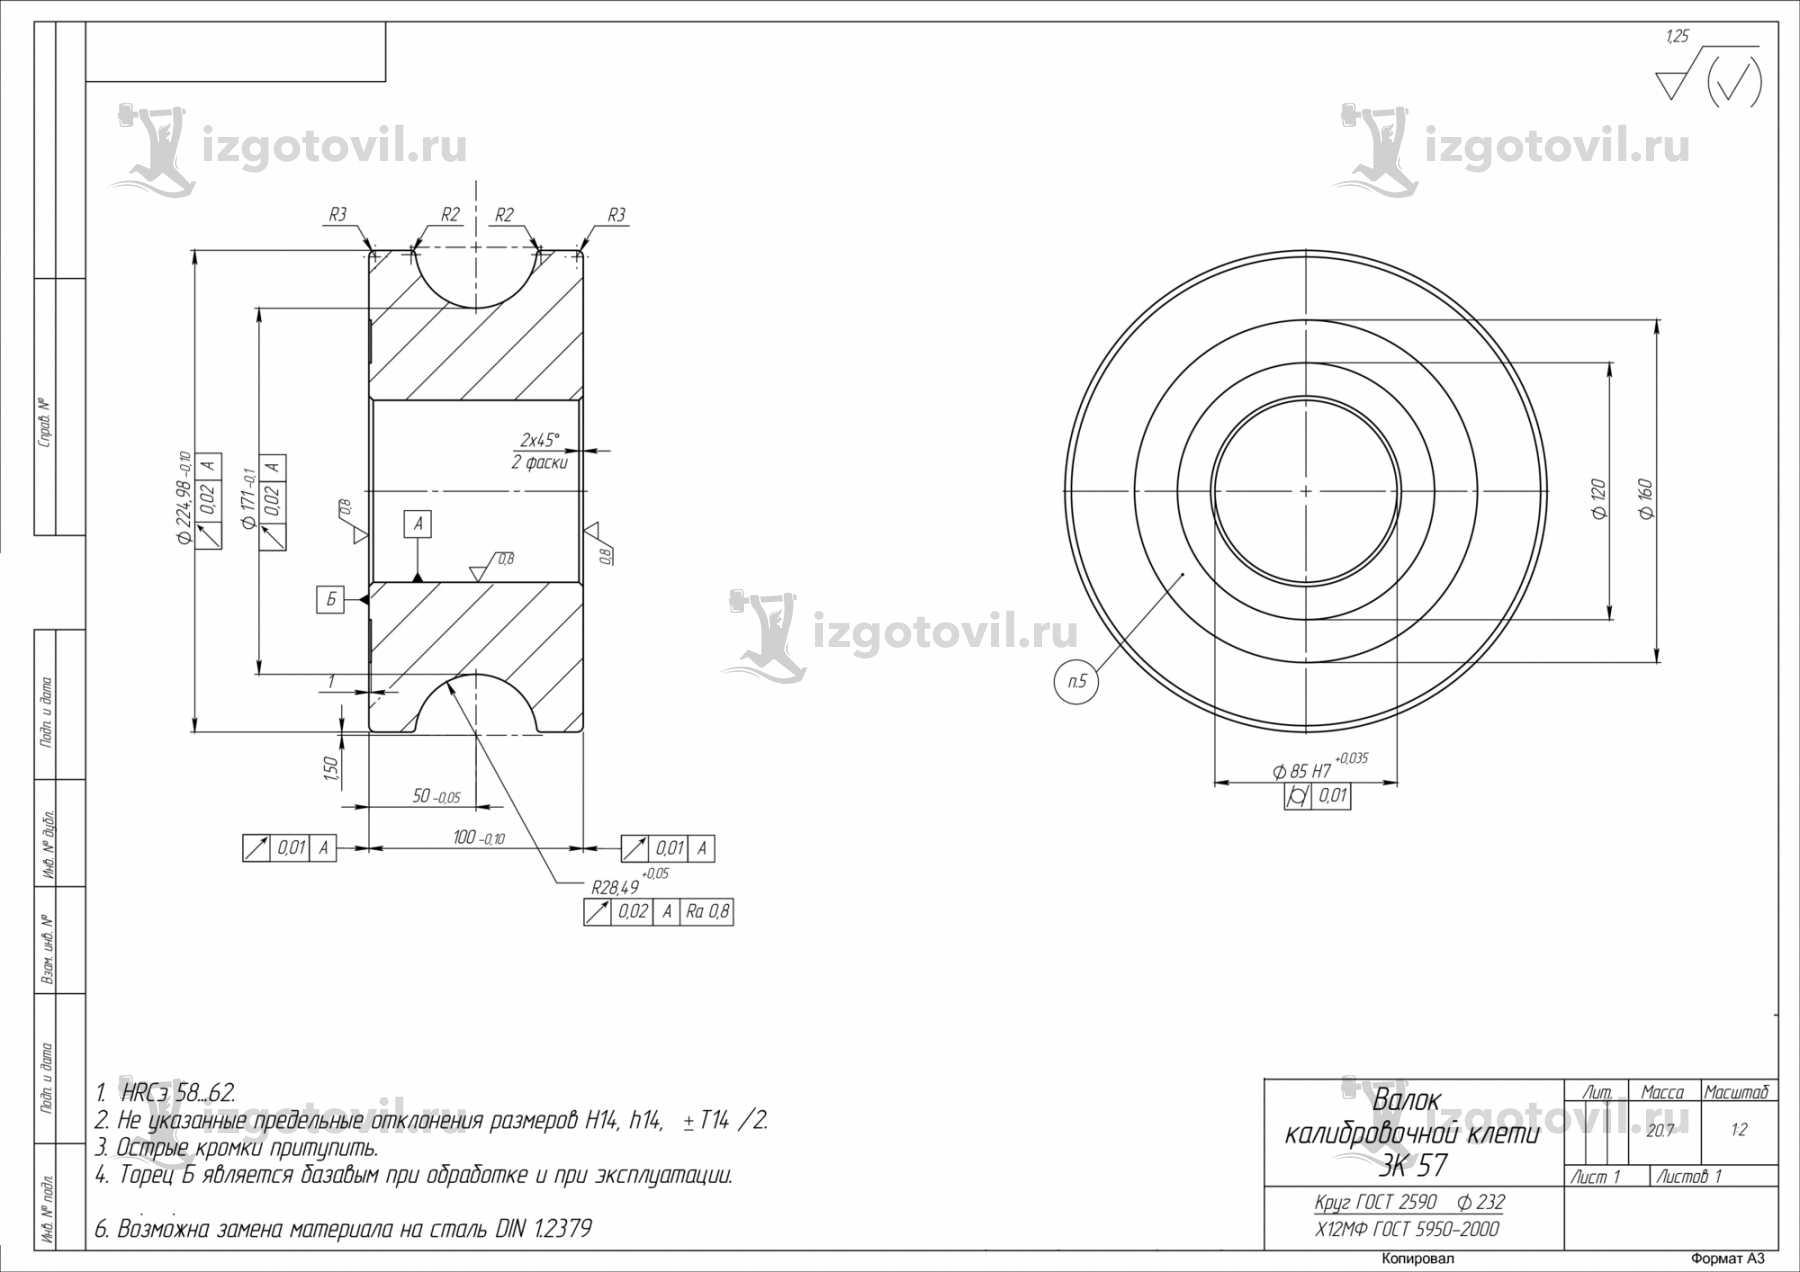 Изготовление деталей по чертежам - изготовление валков